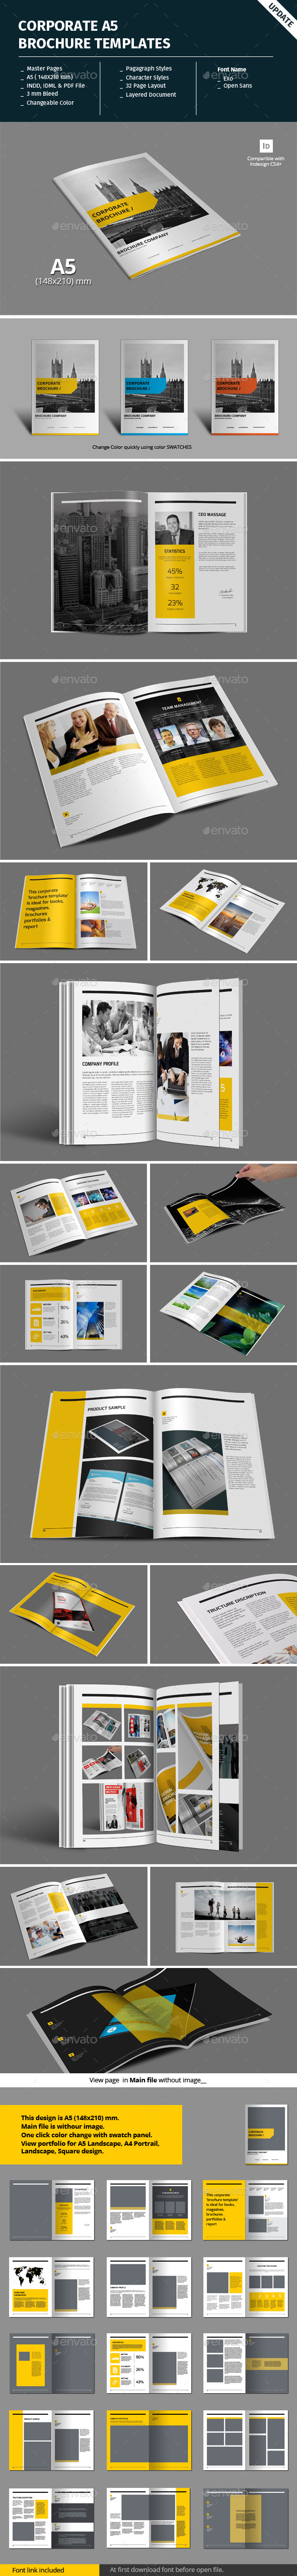 Corporate A5 Brochure Template - Corporate Brochures